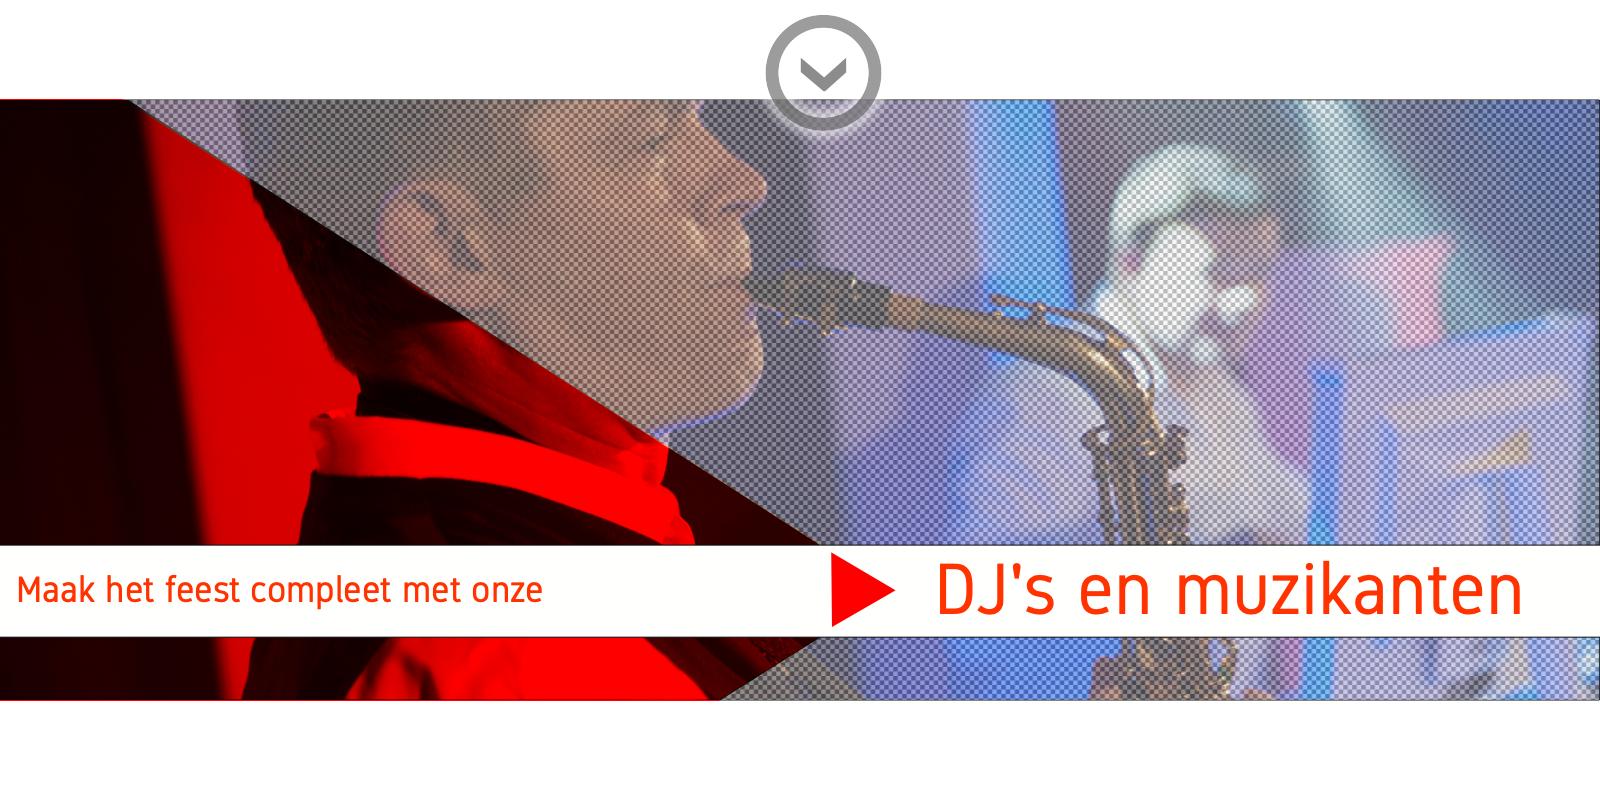 DJ's en muzikanten